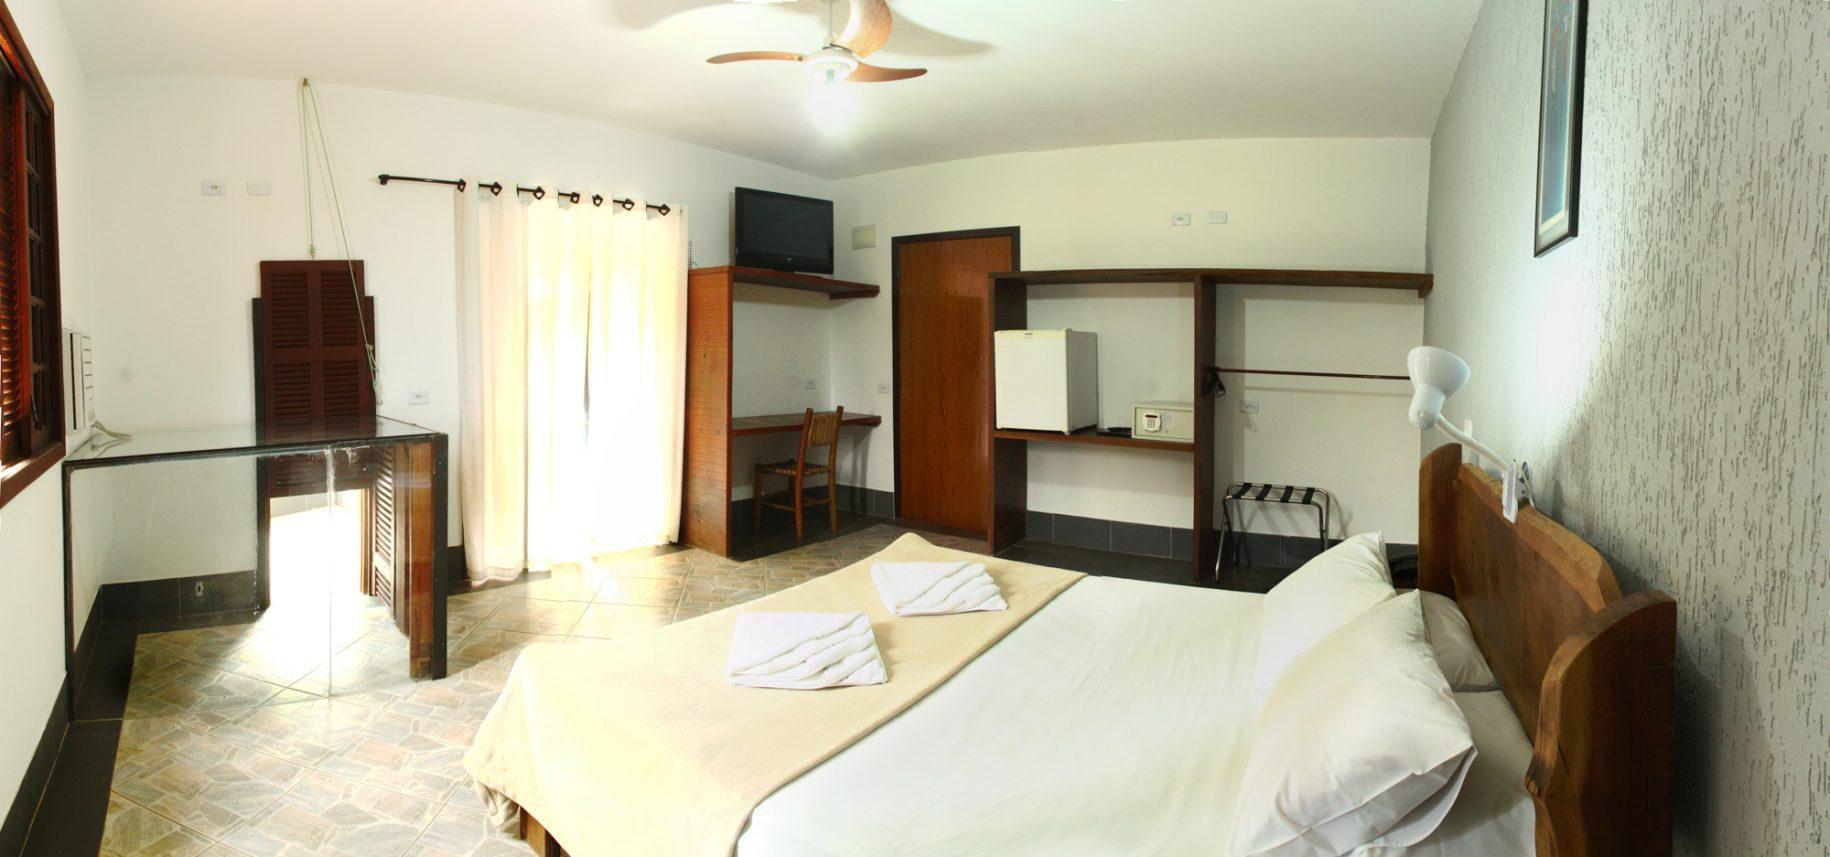 Quarto do hotel fazenda parque dos sonhos com cama de casal, cofre, frigobar, tv de led, ar condicionado quente e frio, canil acoplado